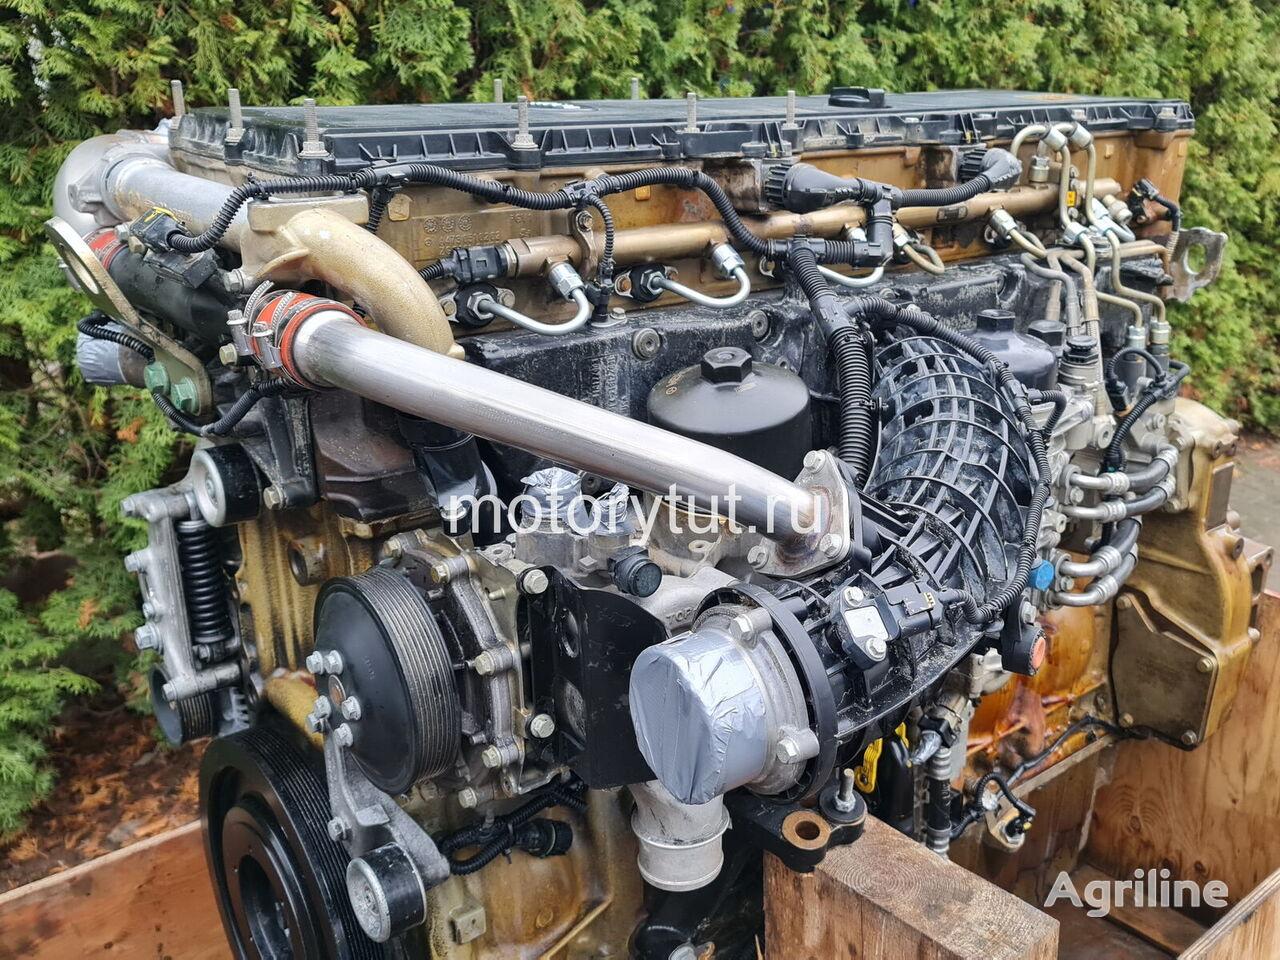 MERCEDES-BENZ OM 473 LA engine for grain harvester